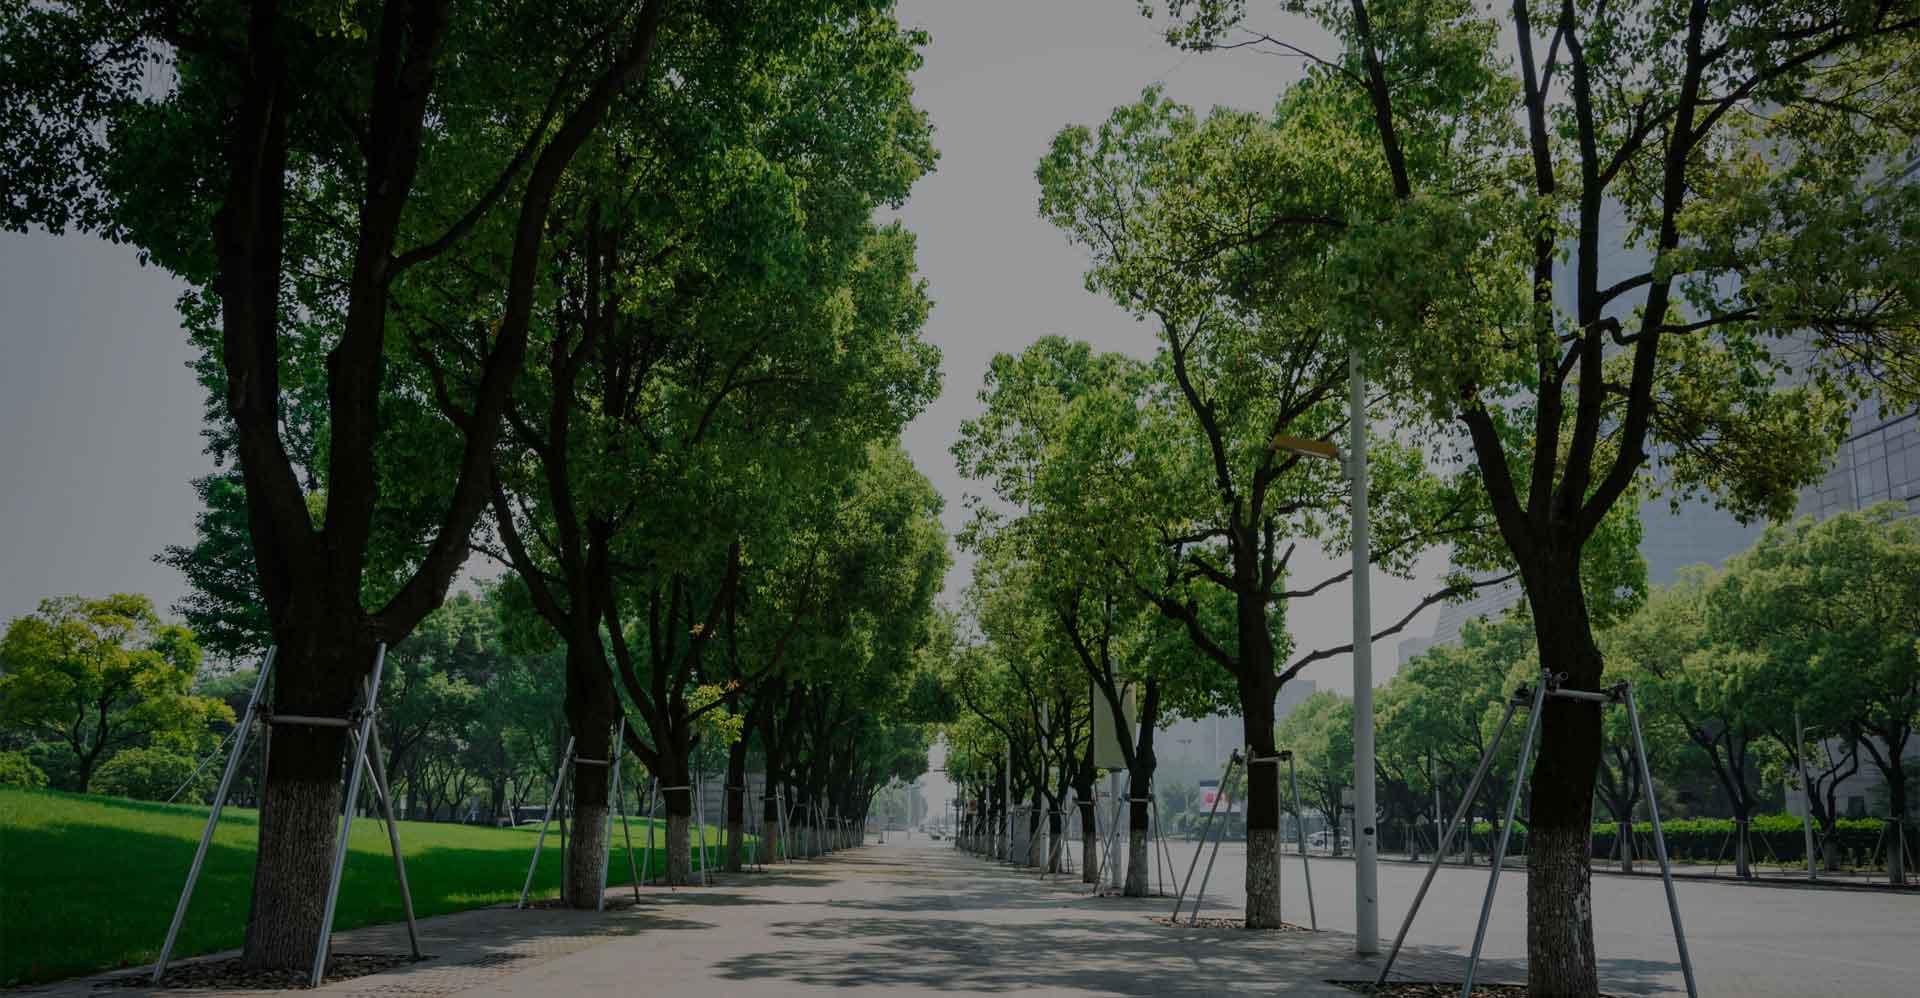 здоровья картинки деревьев на улицах король тёмных